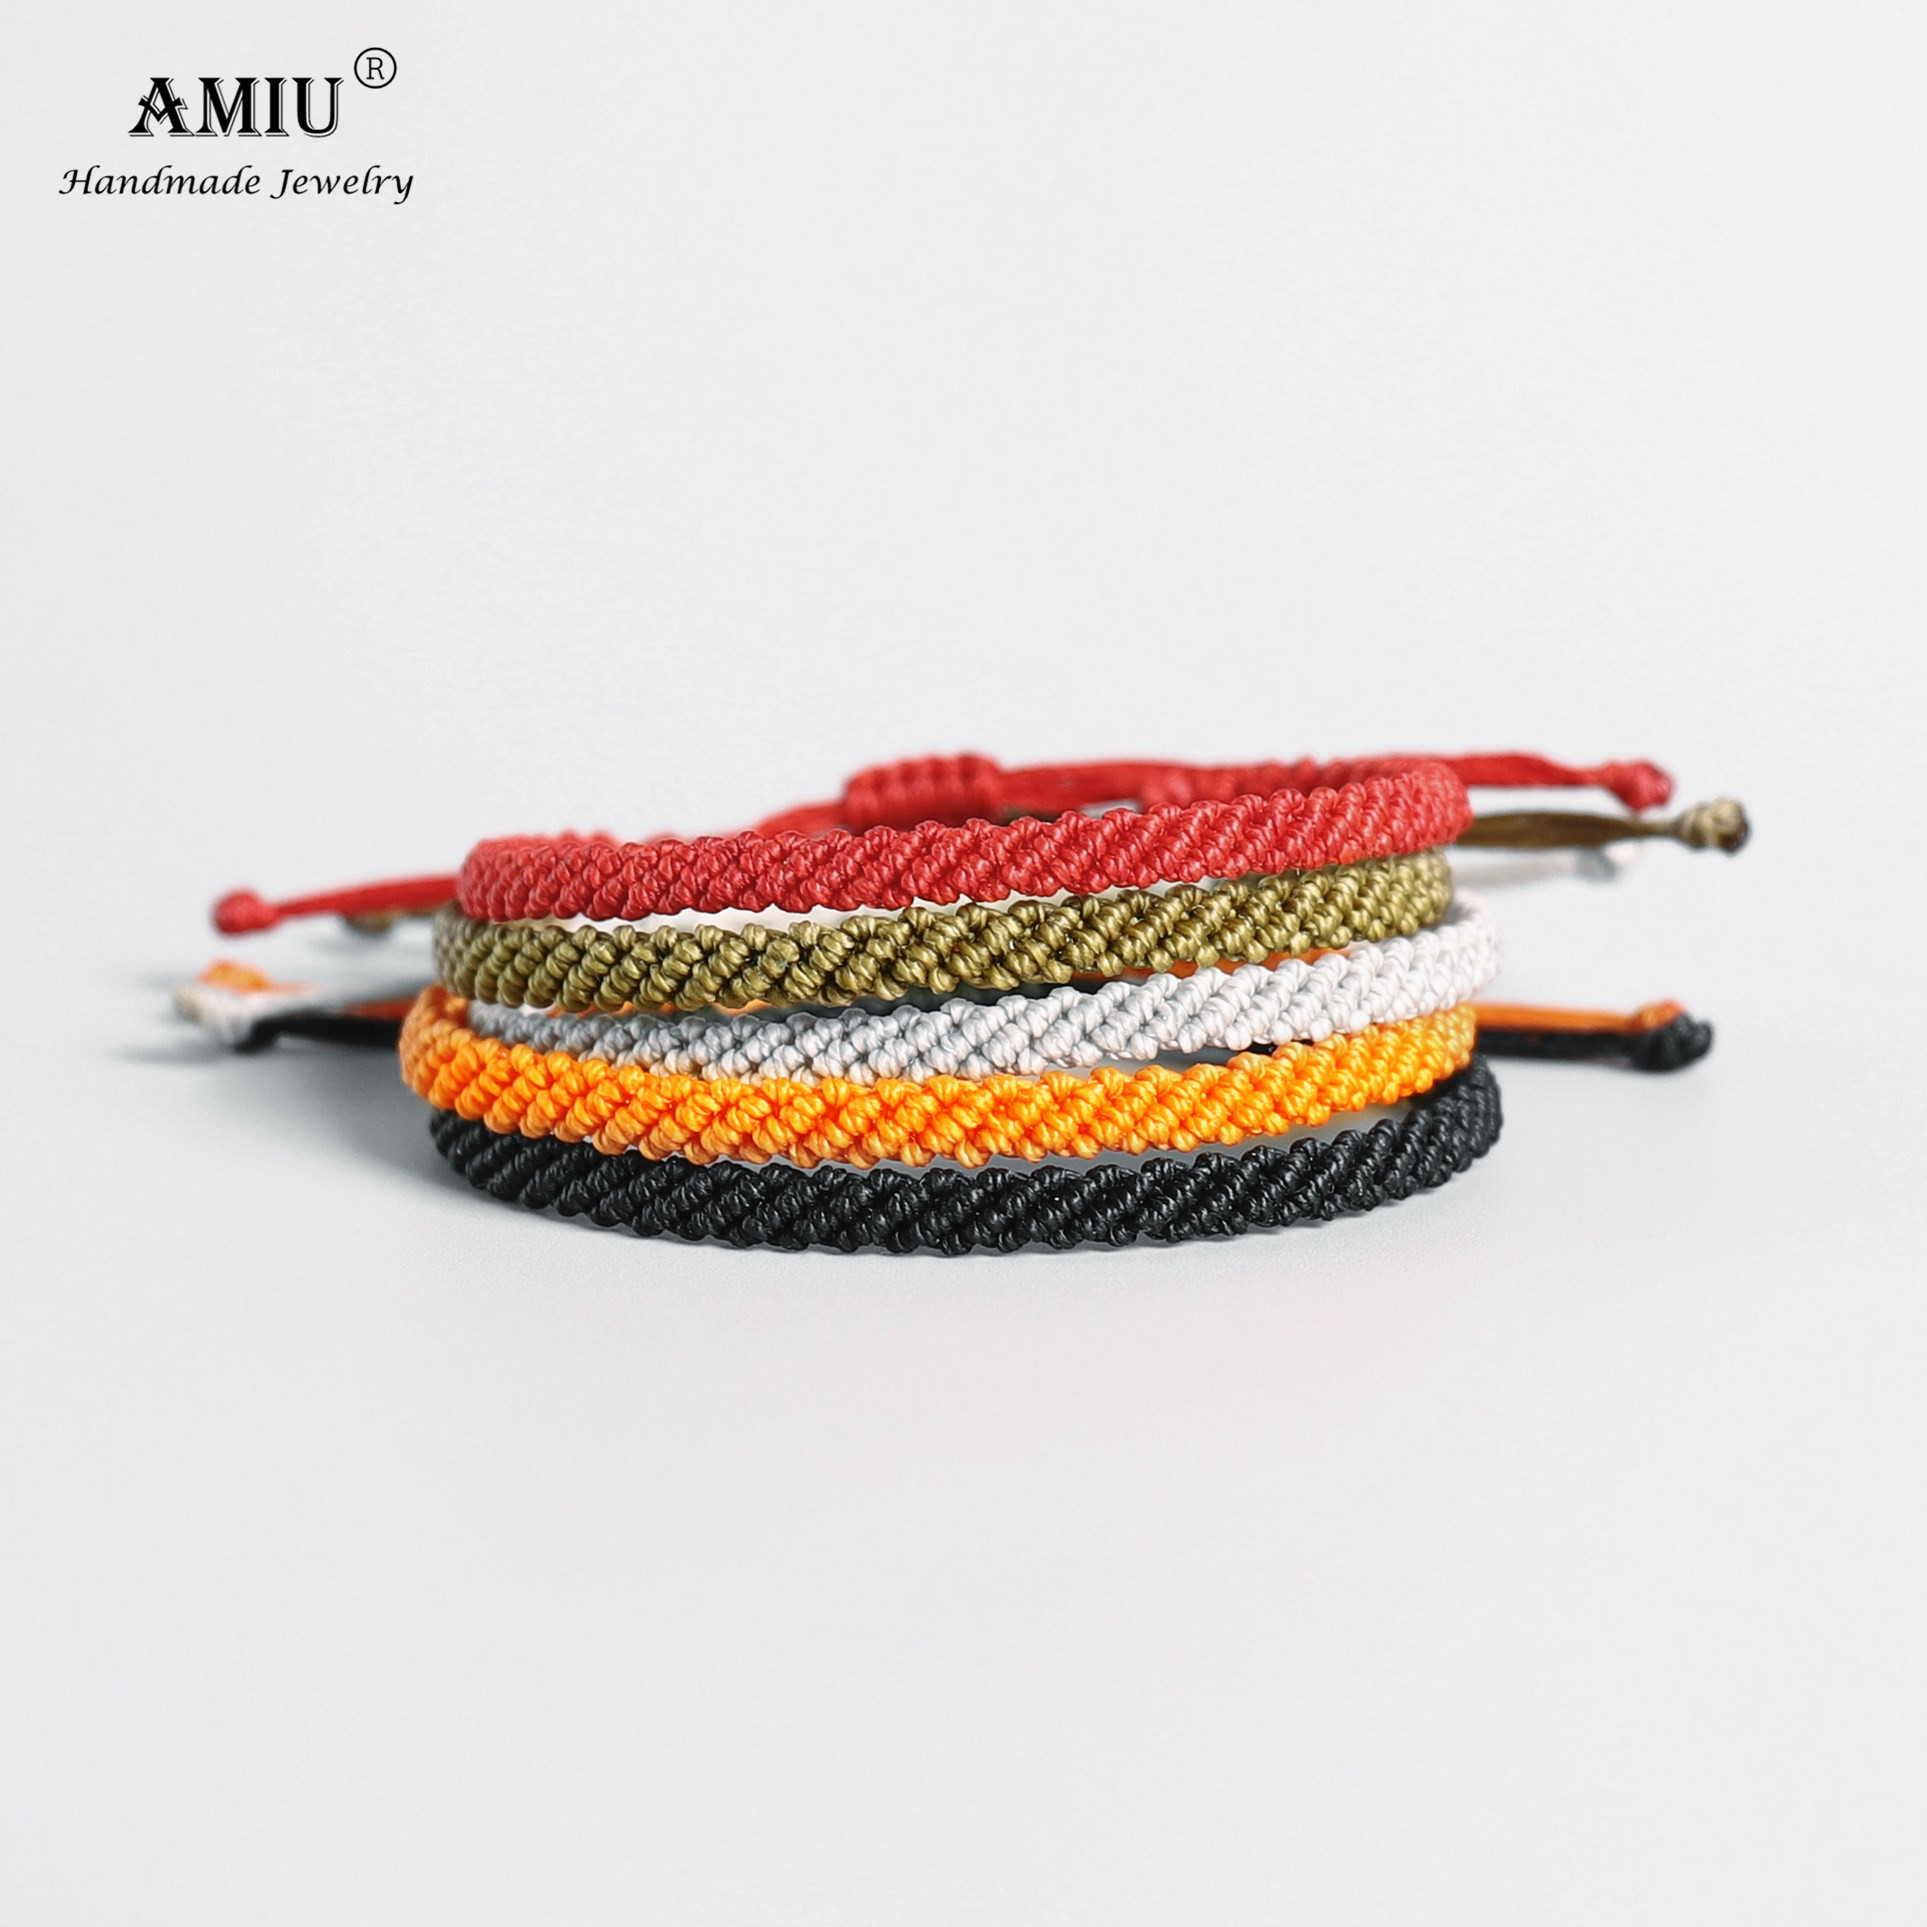 Браслет и обручи AMIU ручной работы из искусственной кожи для женщин и мужчин, браслеты из вощеной нити для макраме